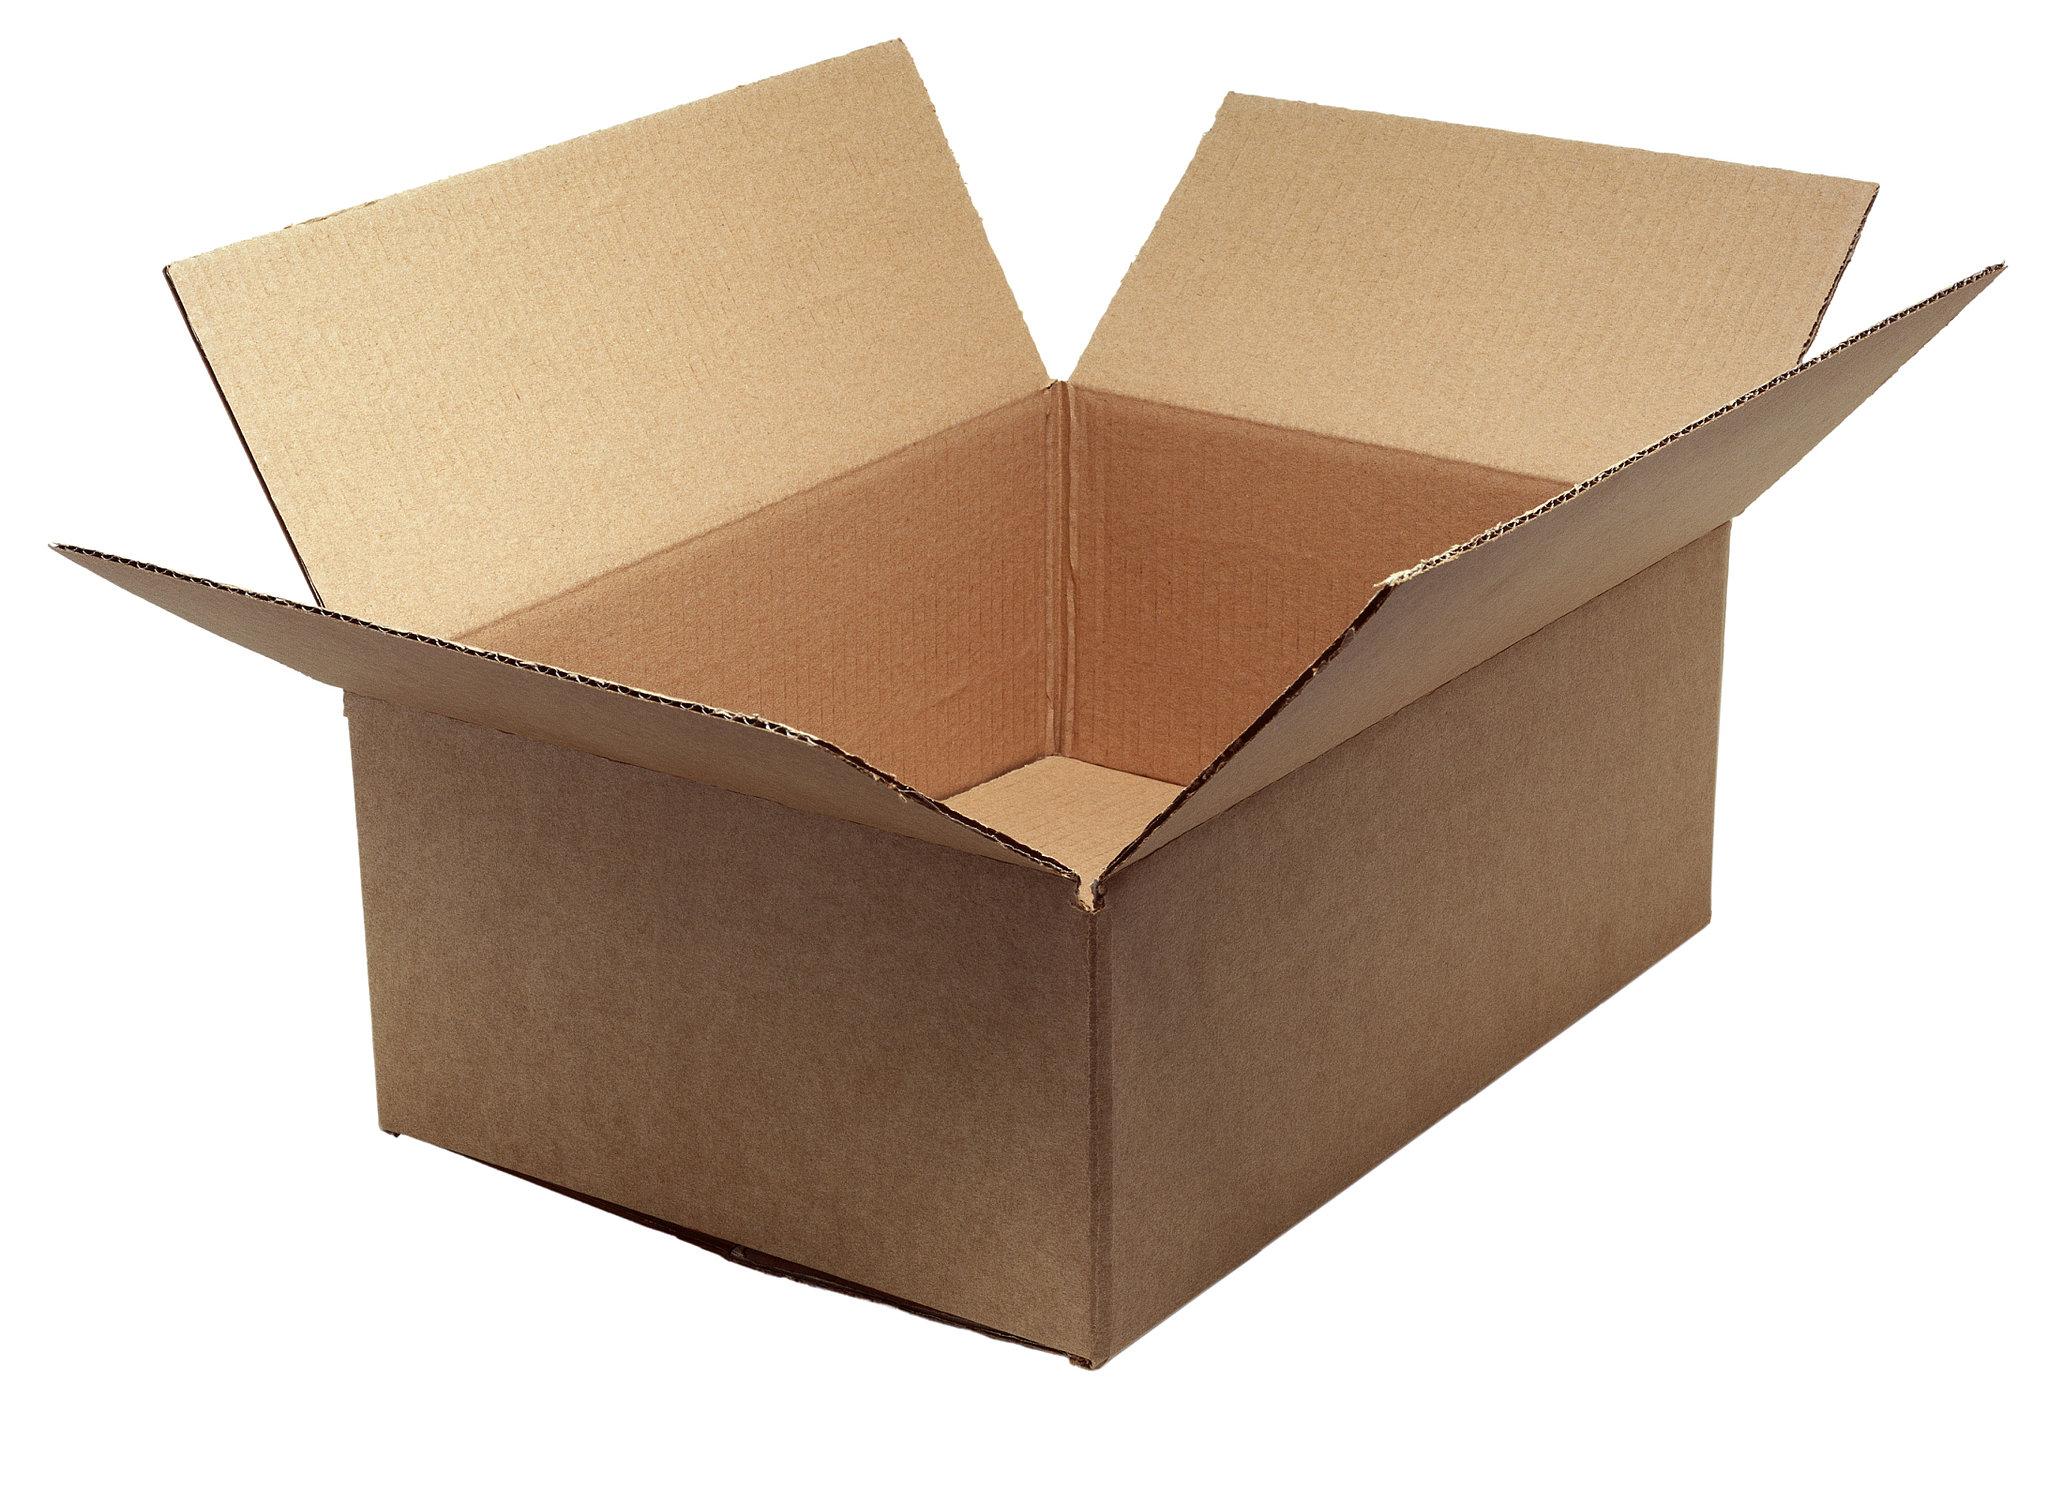 how to build a casrdbord box